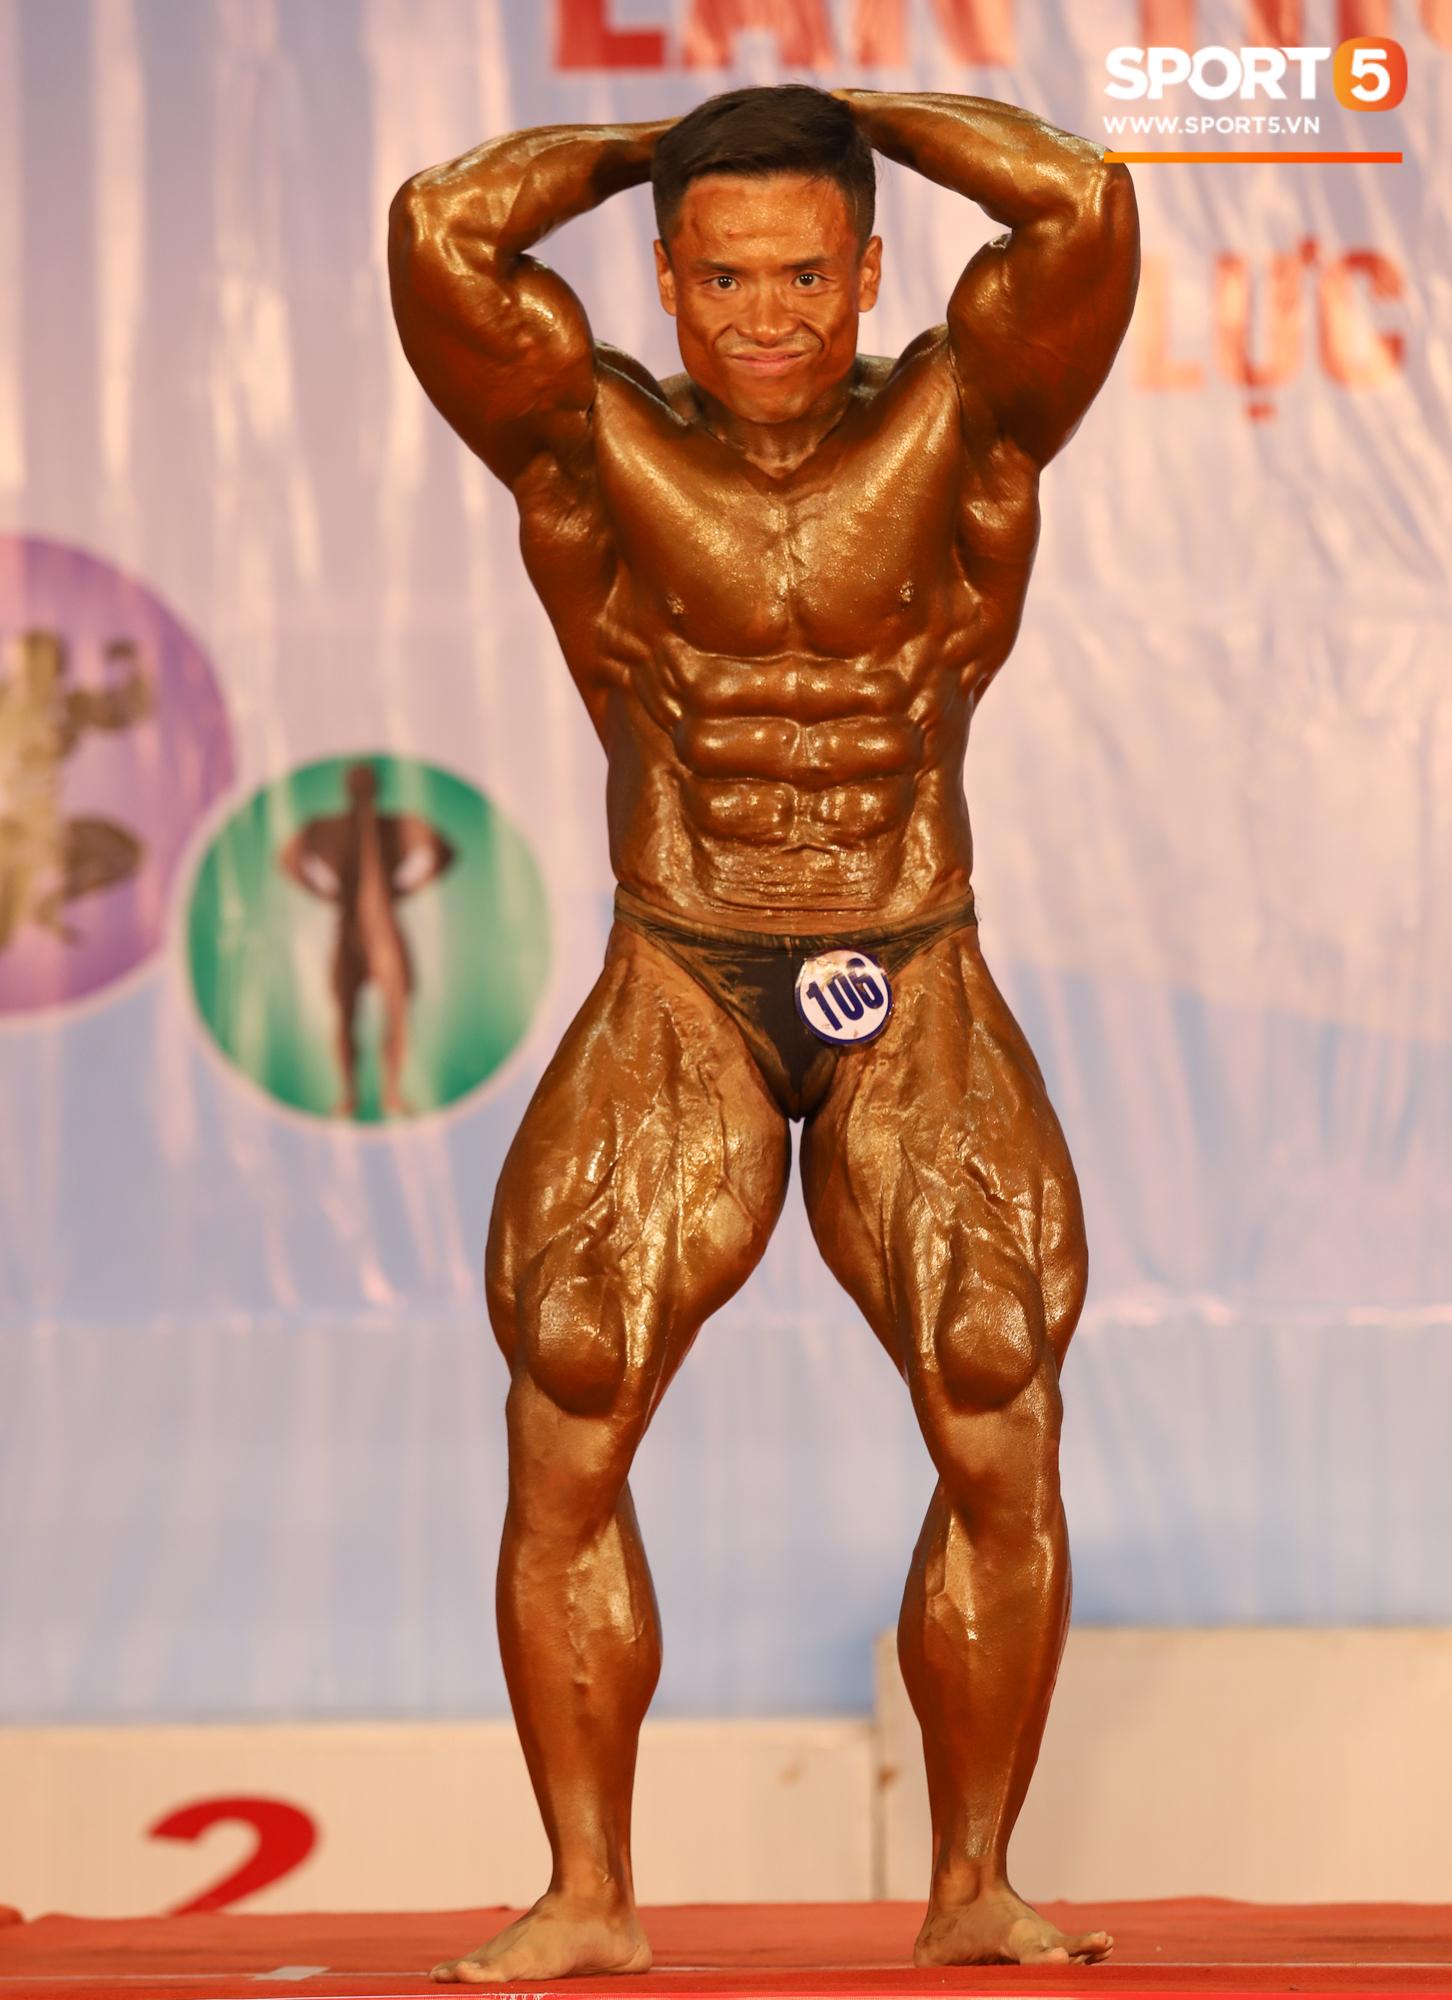 Từ 146 kg, chàng trai béo phì lột xác thành nhà vô địch tuyệt đối ở Giải thể hình danh giá nhất Việt Nam - Ảnh 9.